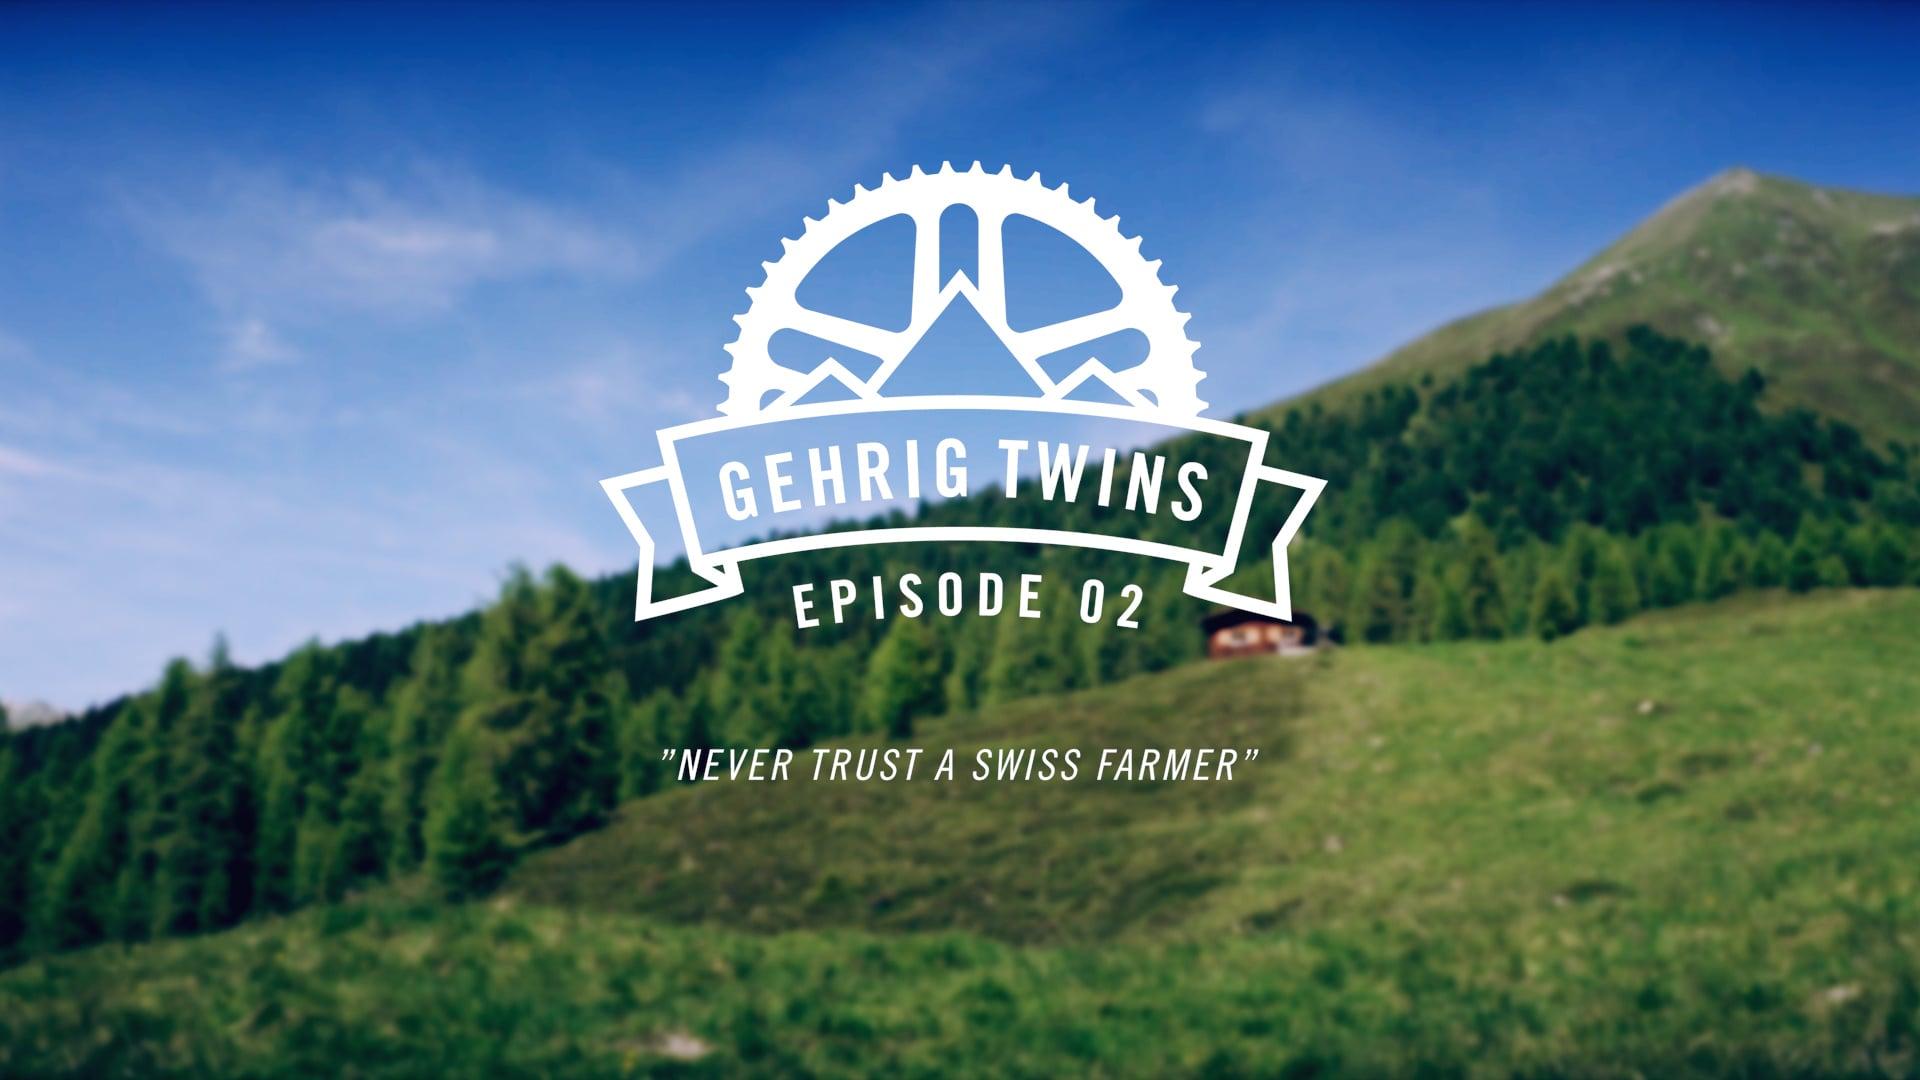 Gehrig Twins | Never trust a Swiss Farmer